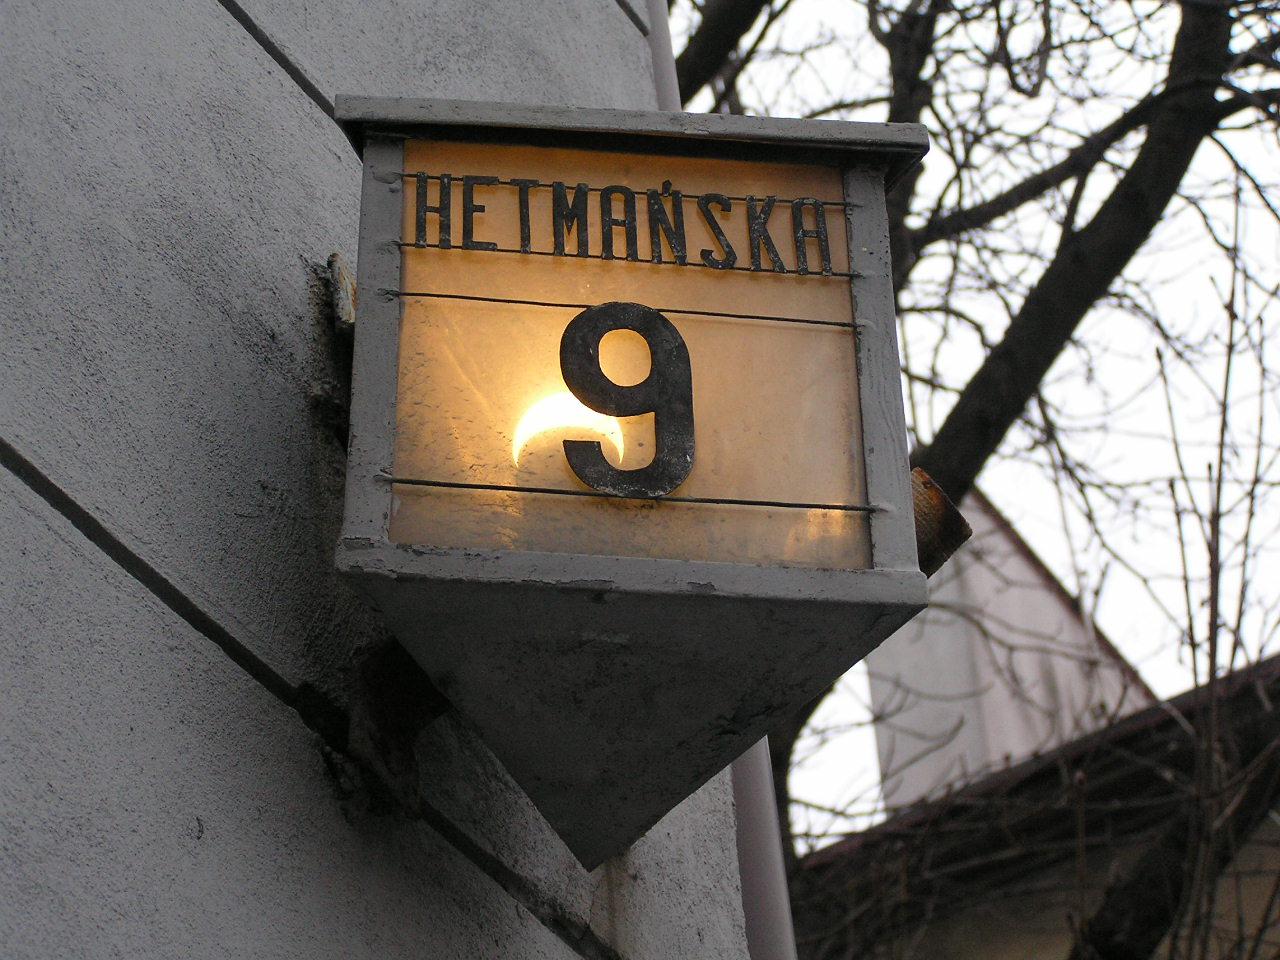 Latarenka adresowa przy ulicy Hetmańskiej 9 na Grochowie